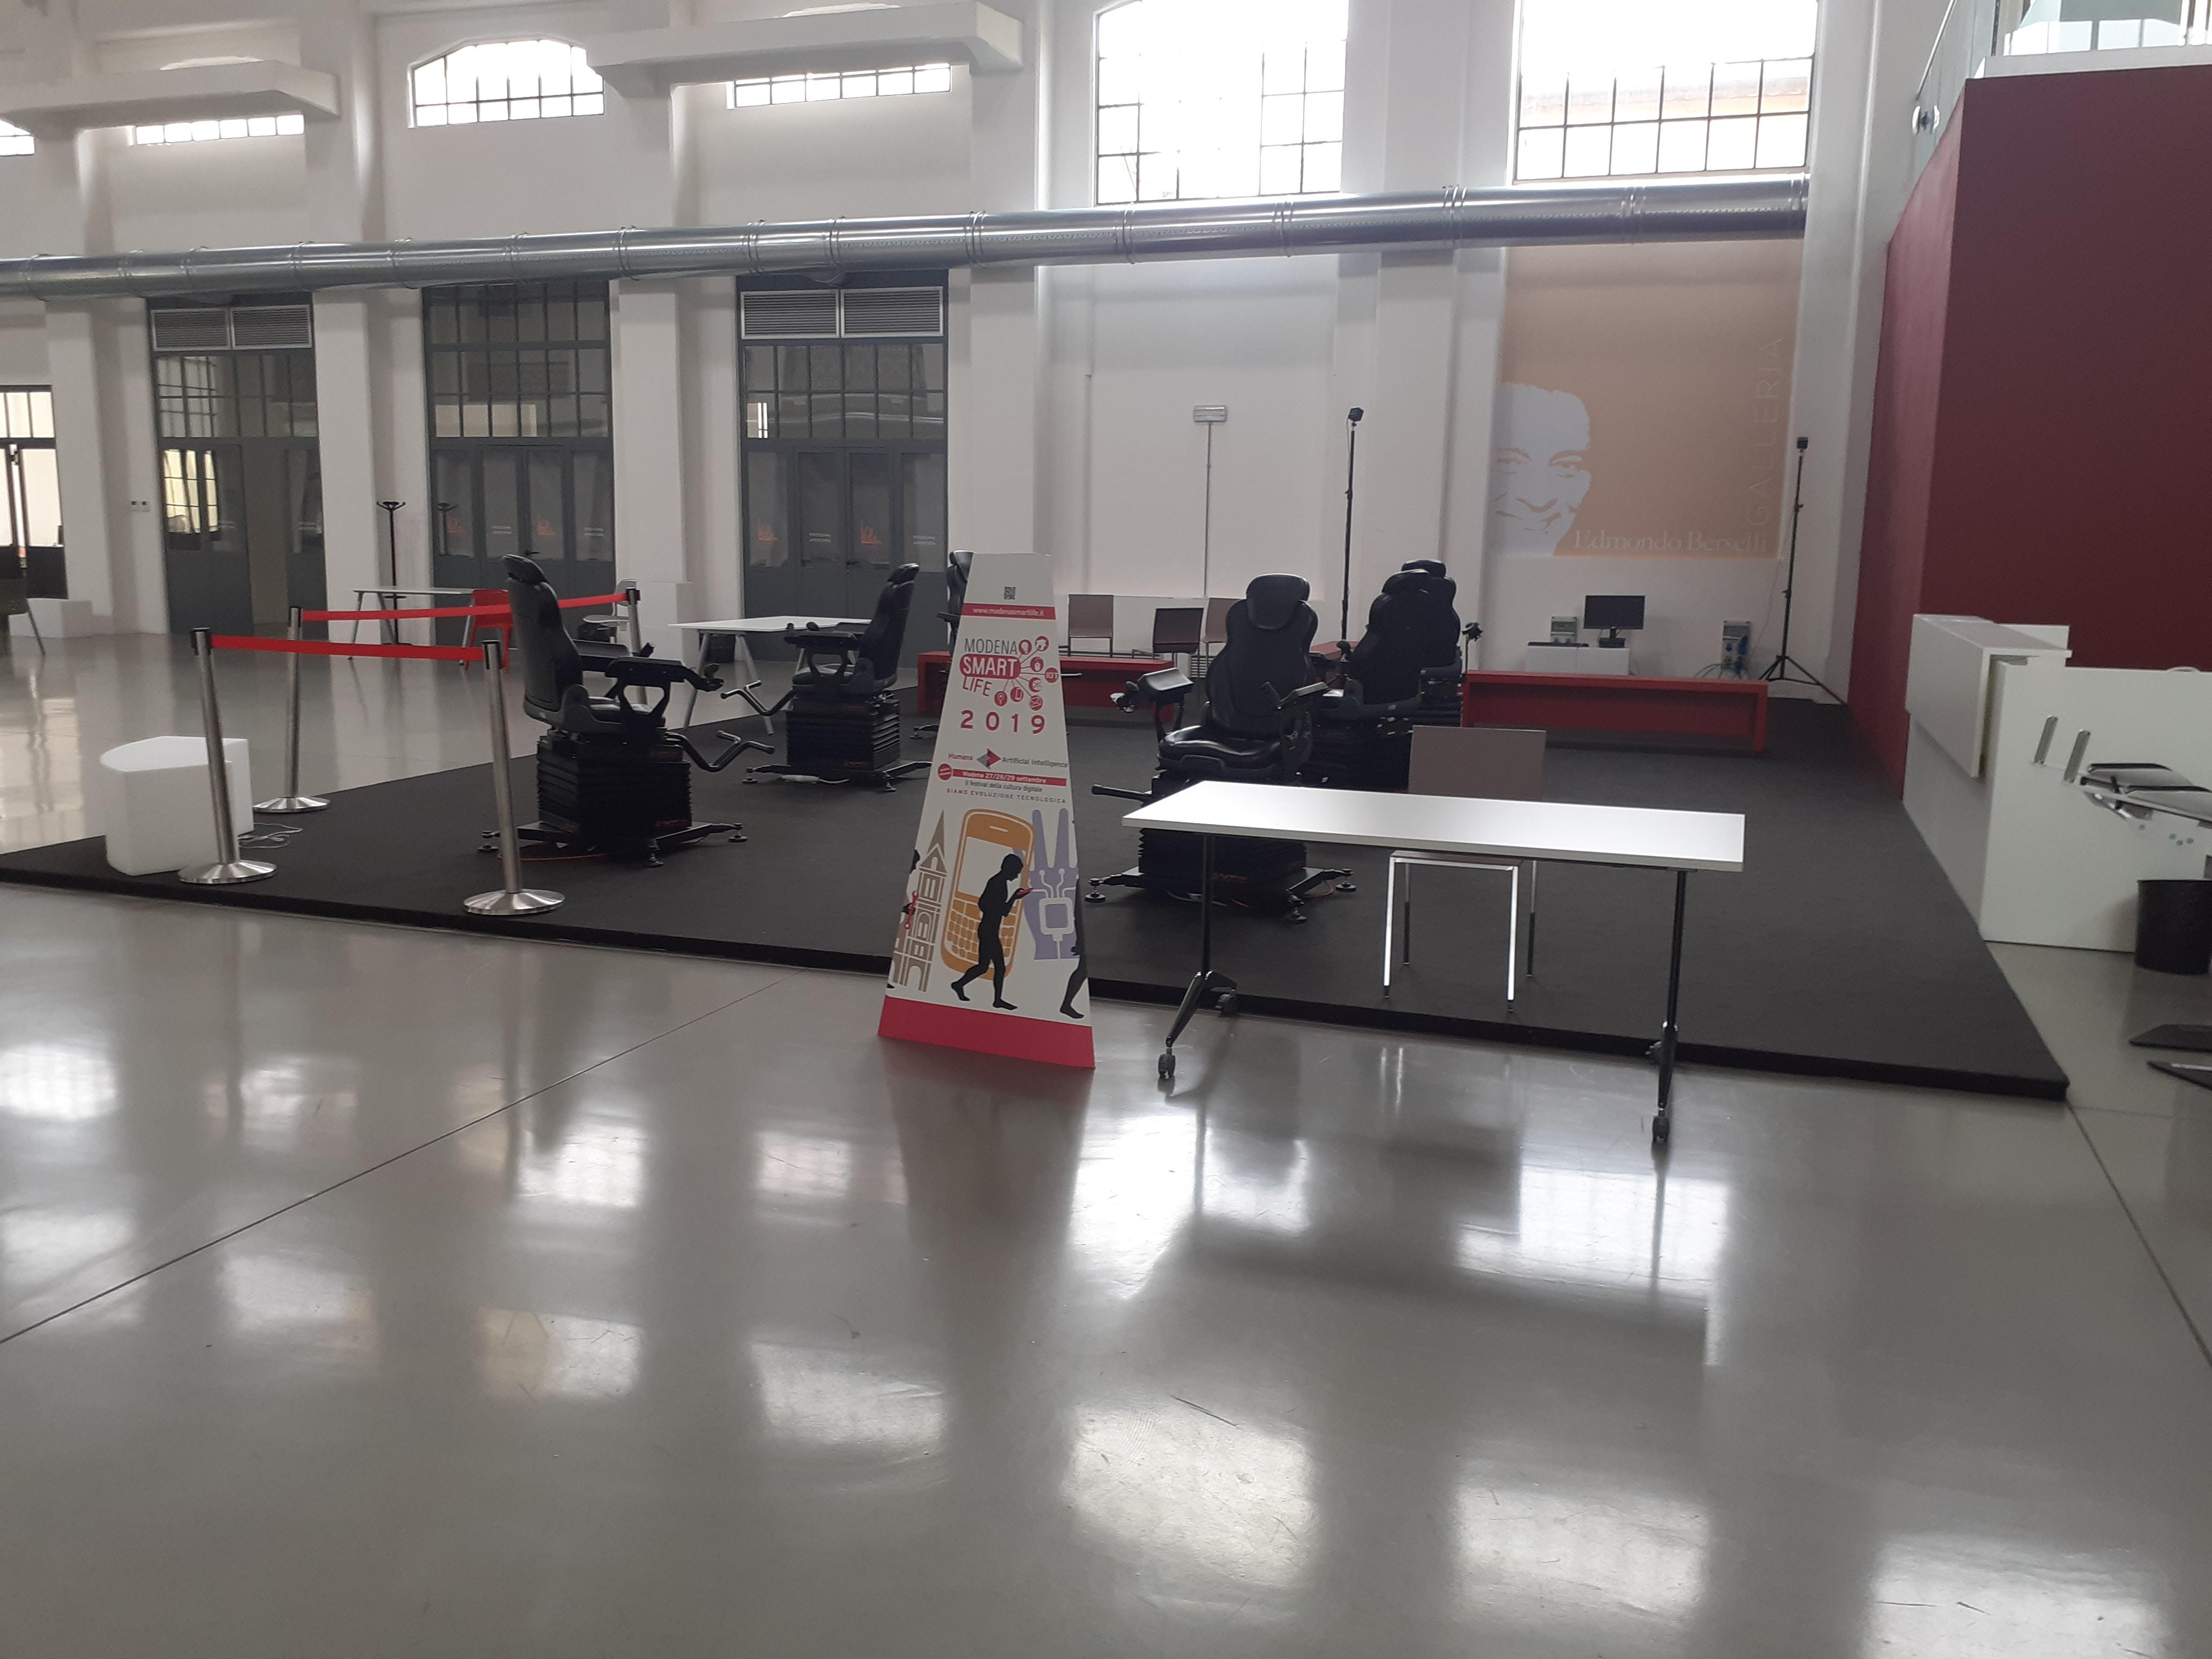 Spazio della Galleria centrale del Laboratorio aperto occupato dalle poltrone da gaming su cui stare seduti mentre si indossano i visori VR